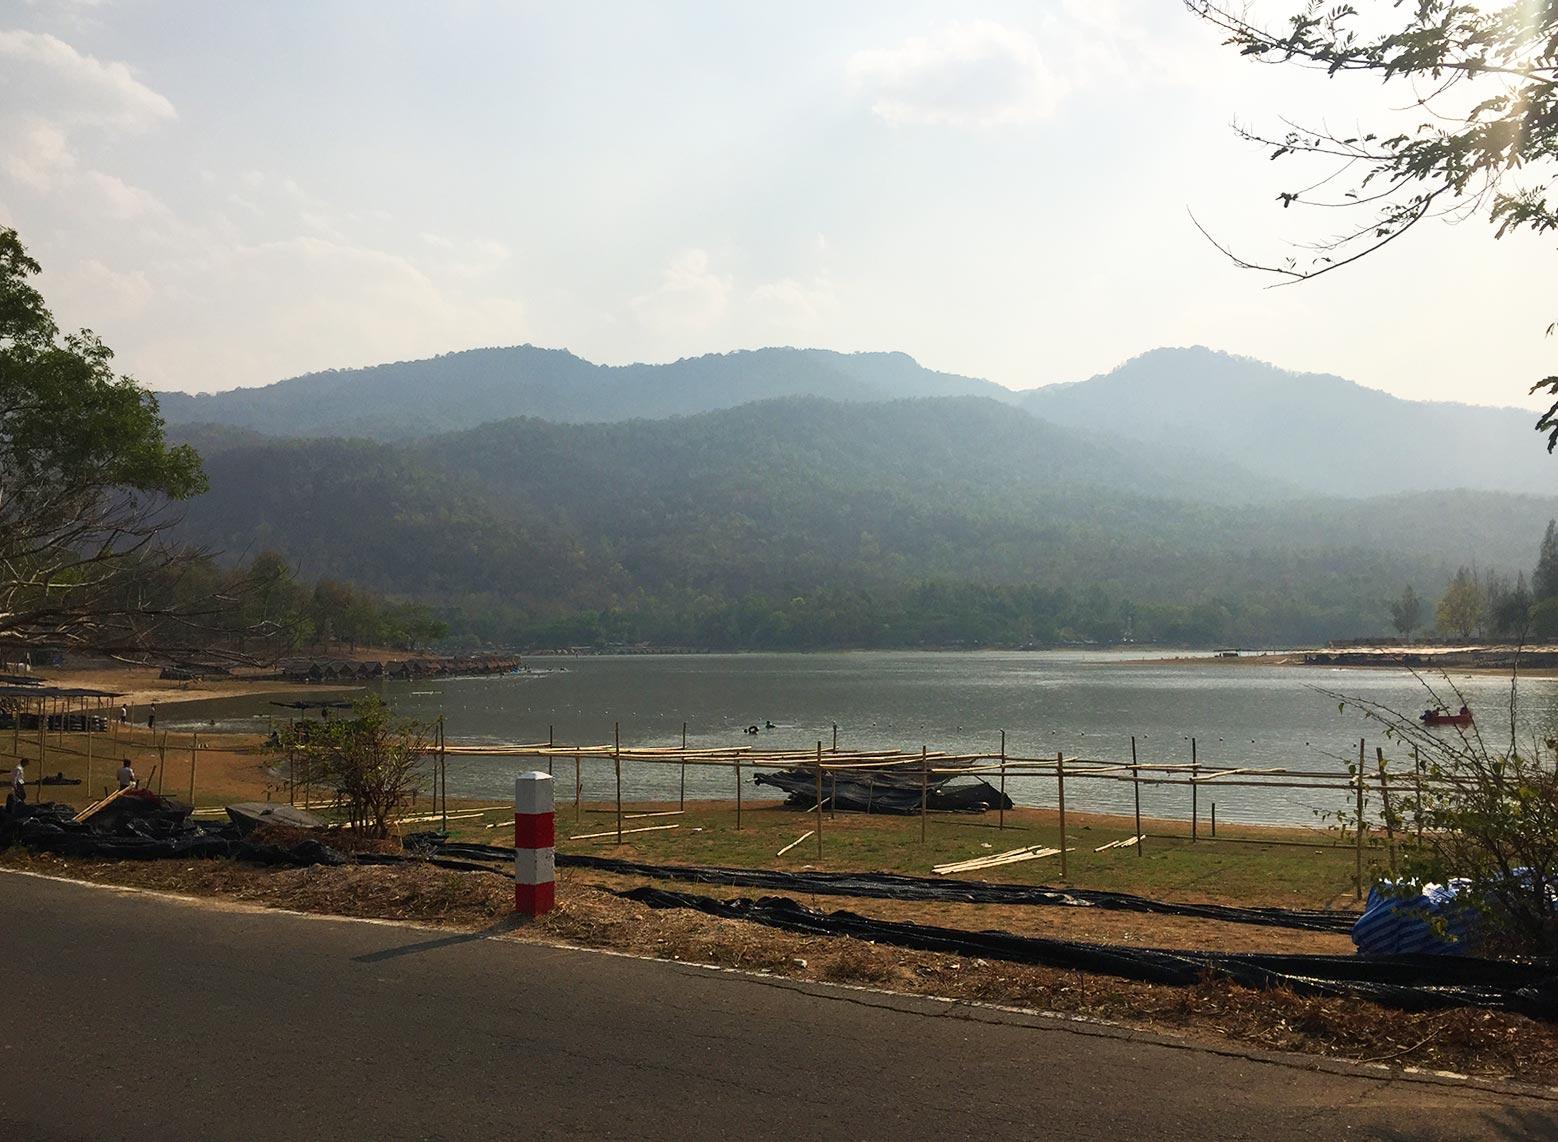 Tolle Aktivitäten & Sehenswürdigkeiten in Chiang Mai, die du nicht verpassen solltest!